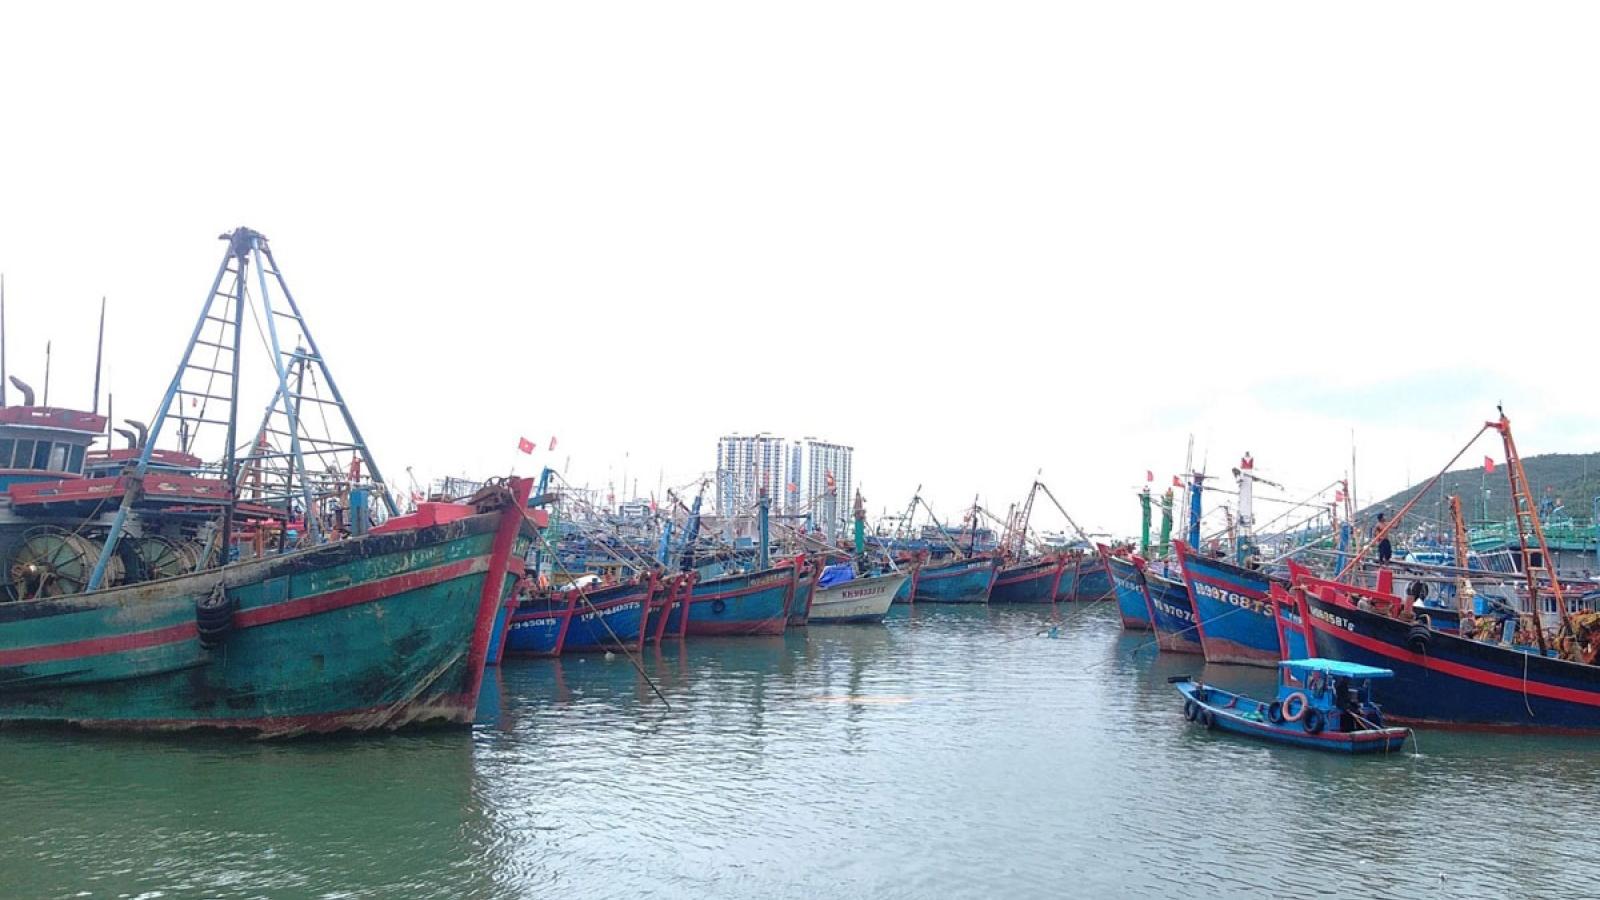 Bão số 12: Các tỉnh Nam Trung bộ cấm biển, kêu gọi tàu thuyền trú, tránh